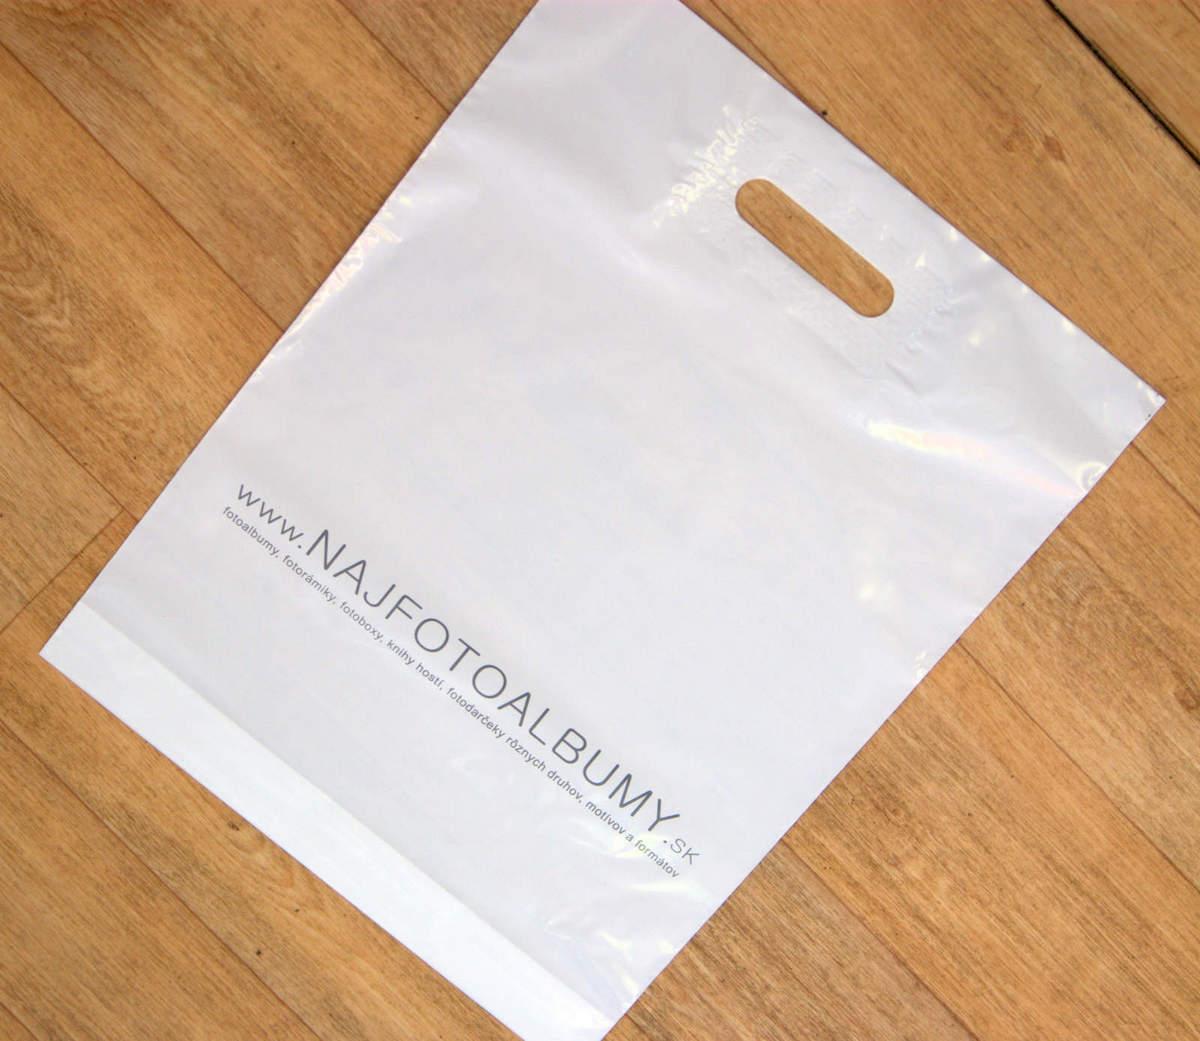 479cce794b Biele igelitové tašky s potlačou pre firmu NAJFOTOALBUMY.SK